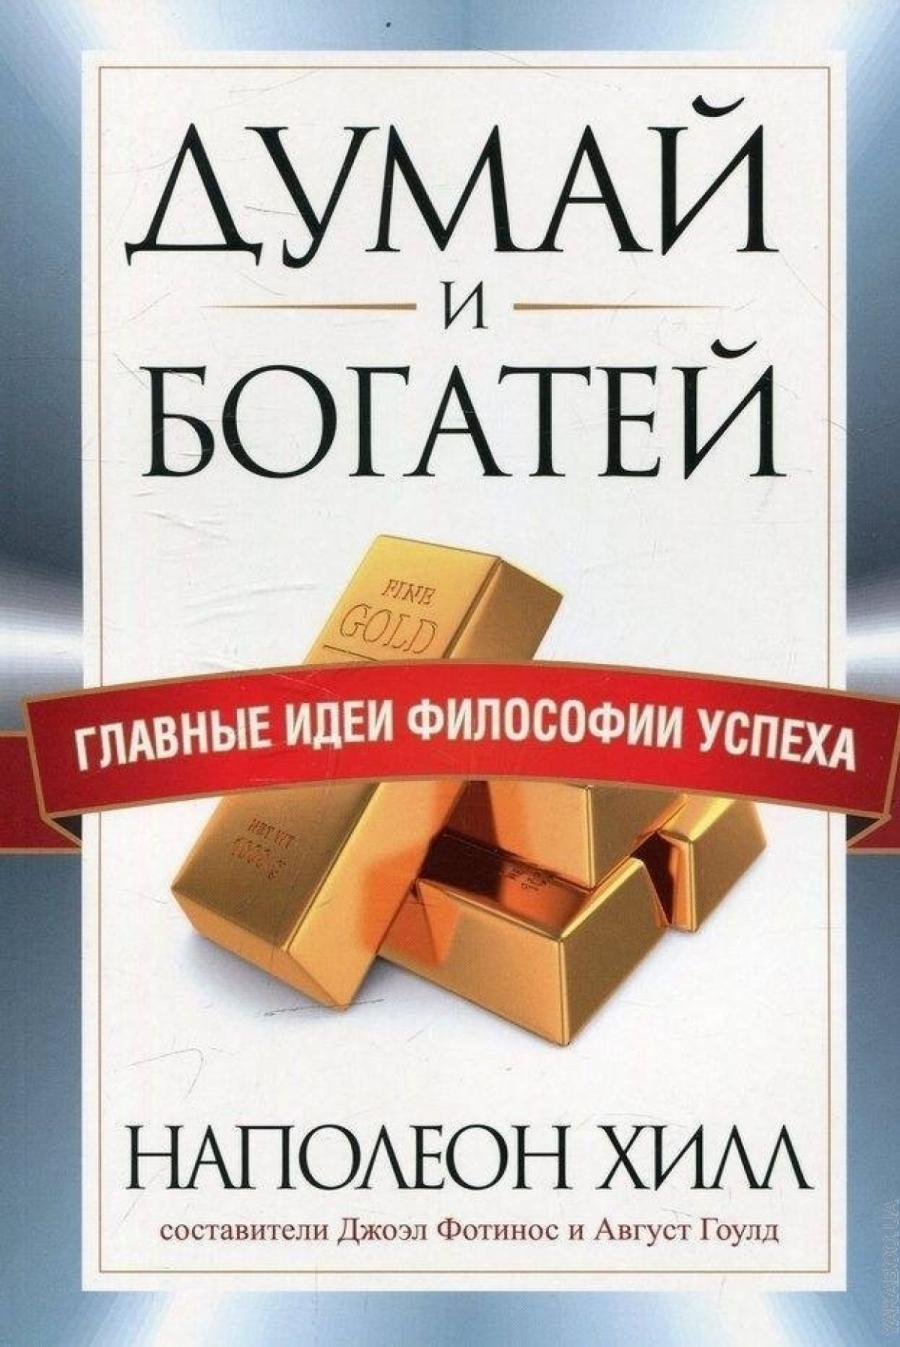 Обложка книги:  наполеон хилл - думай и богатей - 2. успех через позитивное мышление